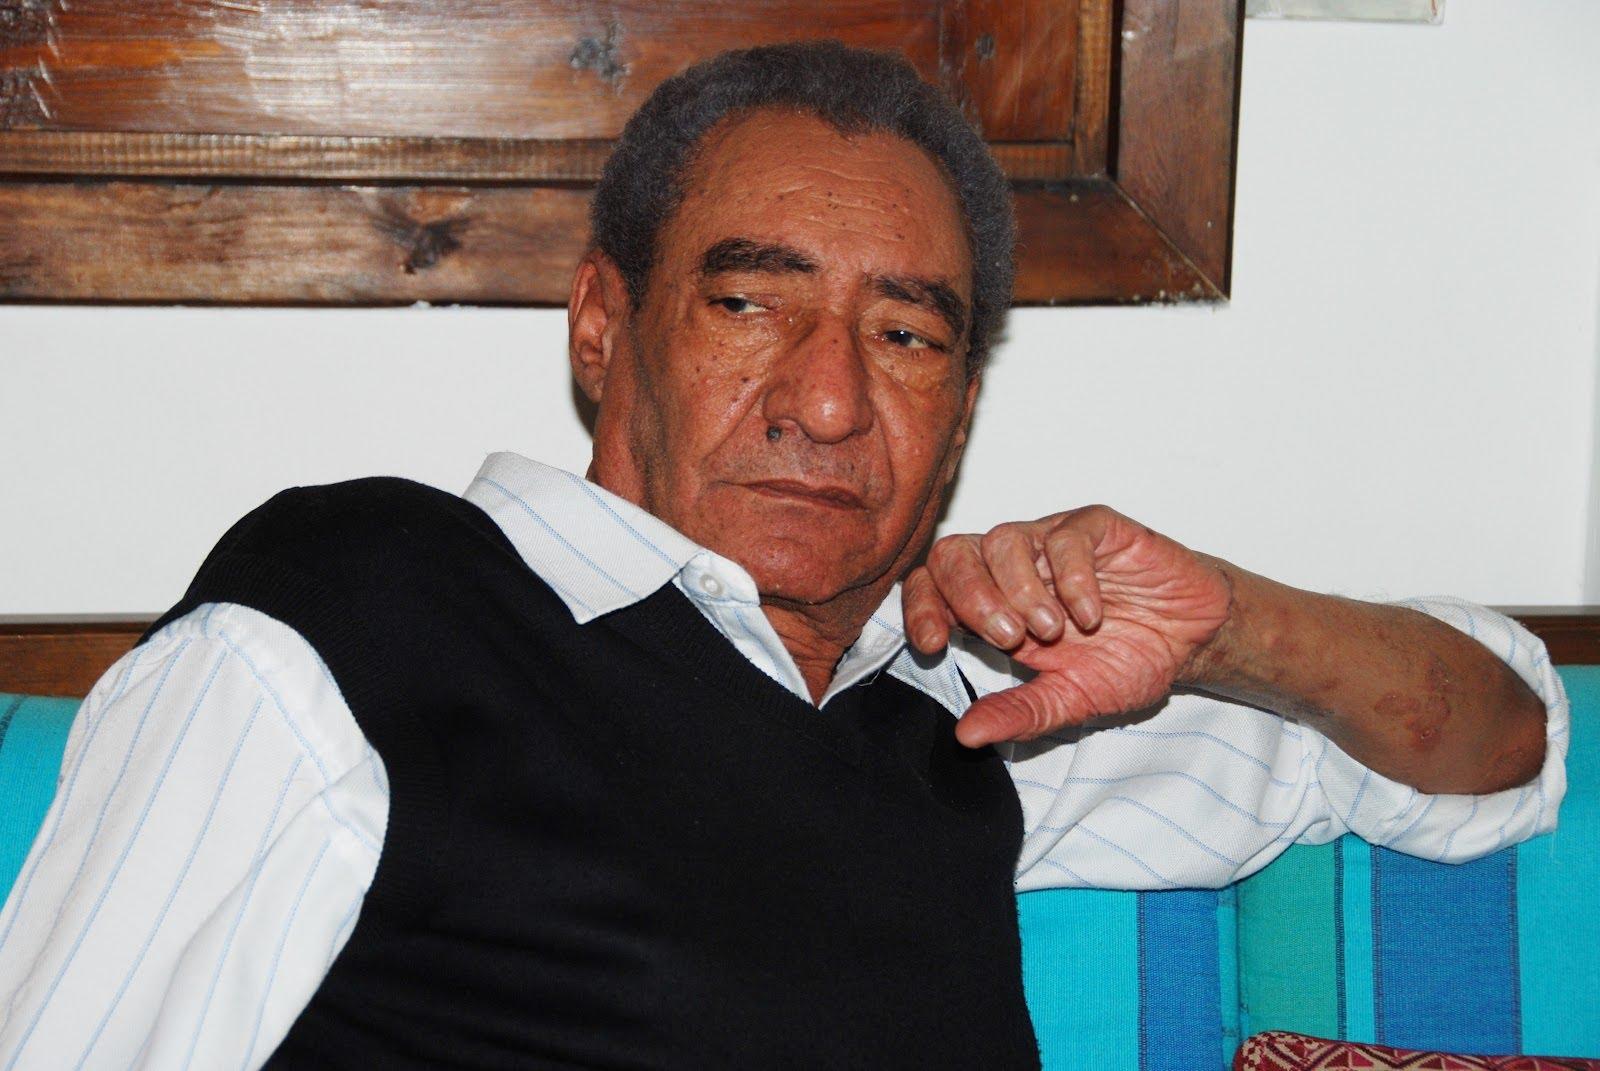 شاعر العامية المصرية الكبير عبد الرحمن الأبنودي (وكيميديا)